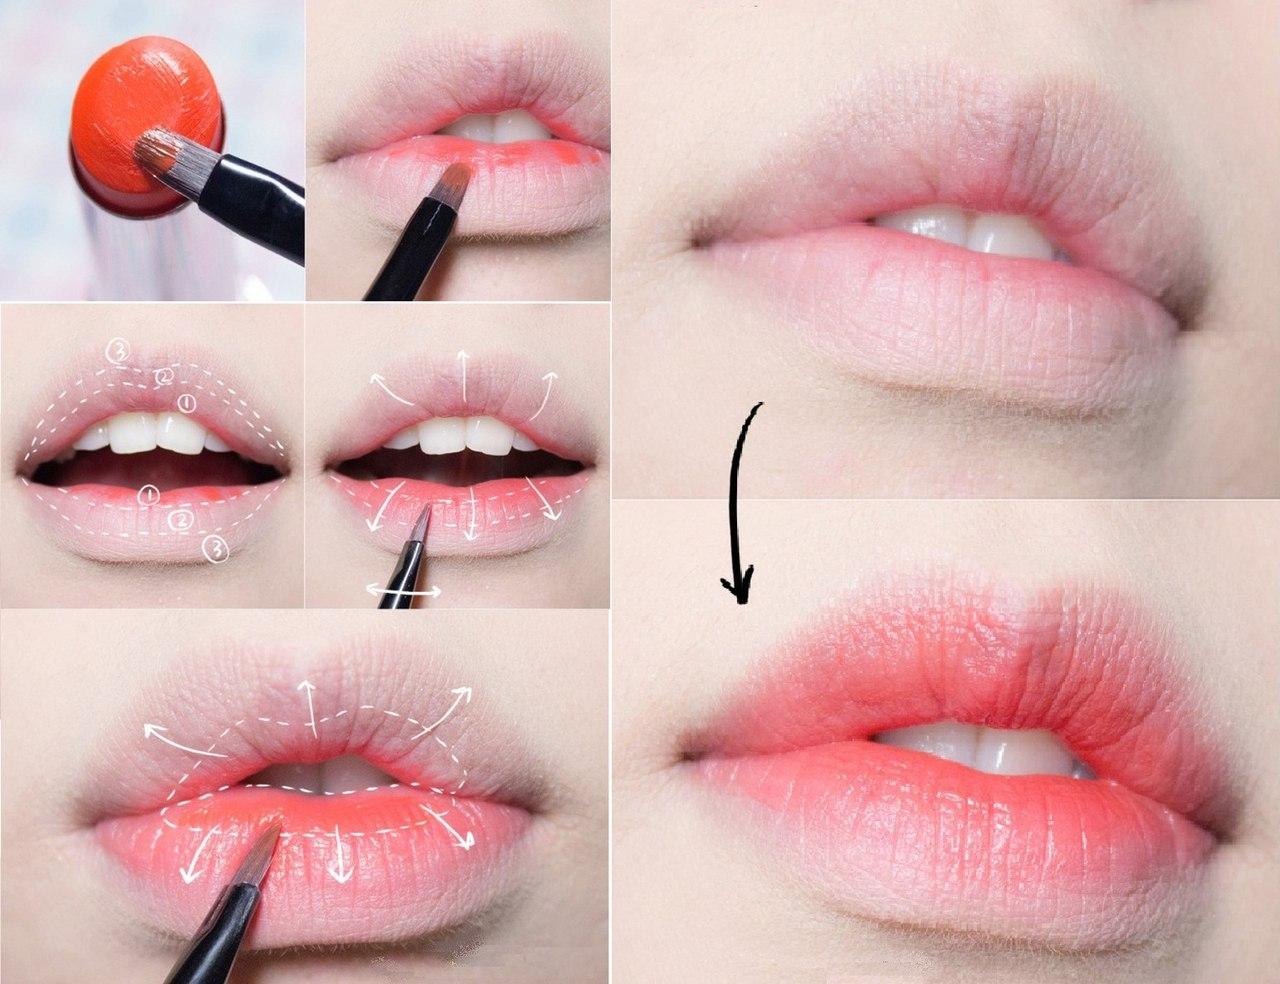 мягко как красиво накрасить губы фото элитных изделий экзотической